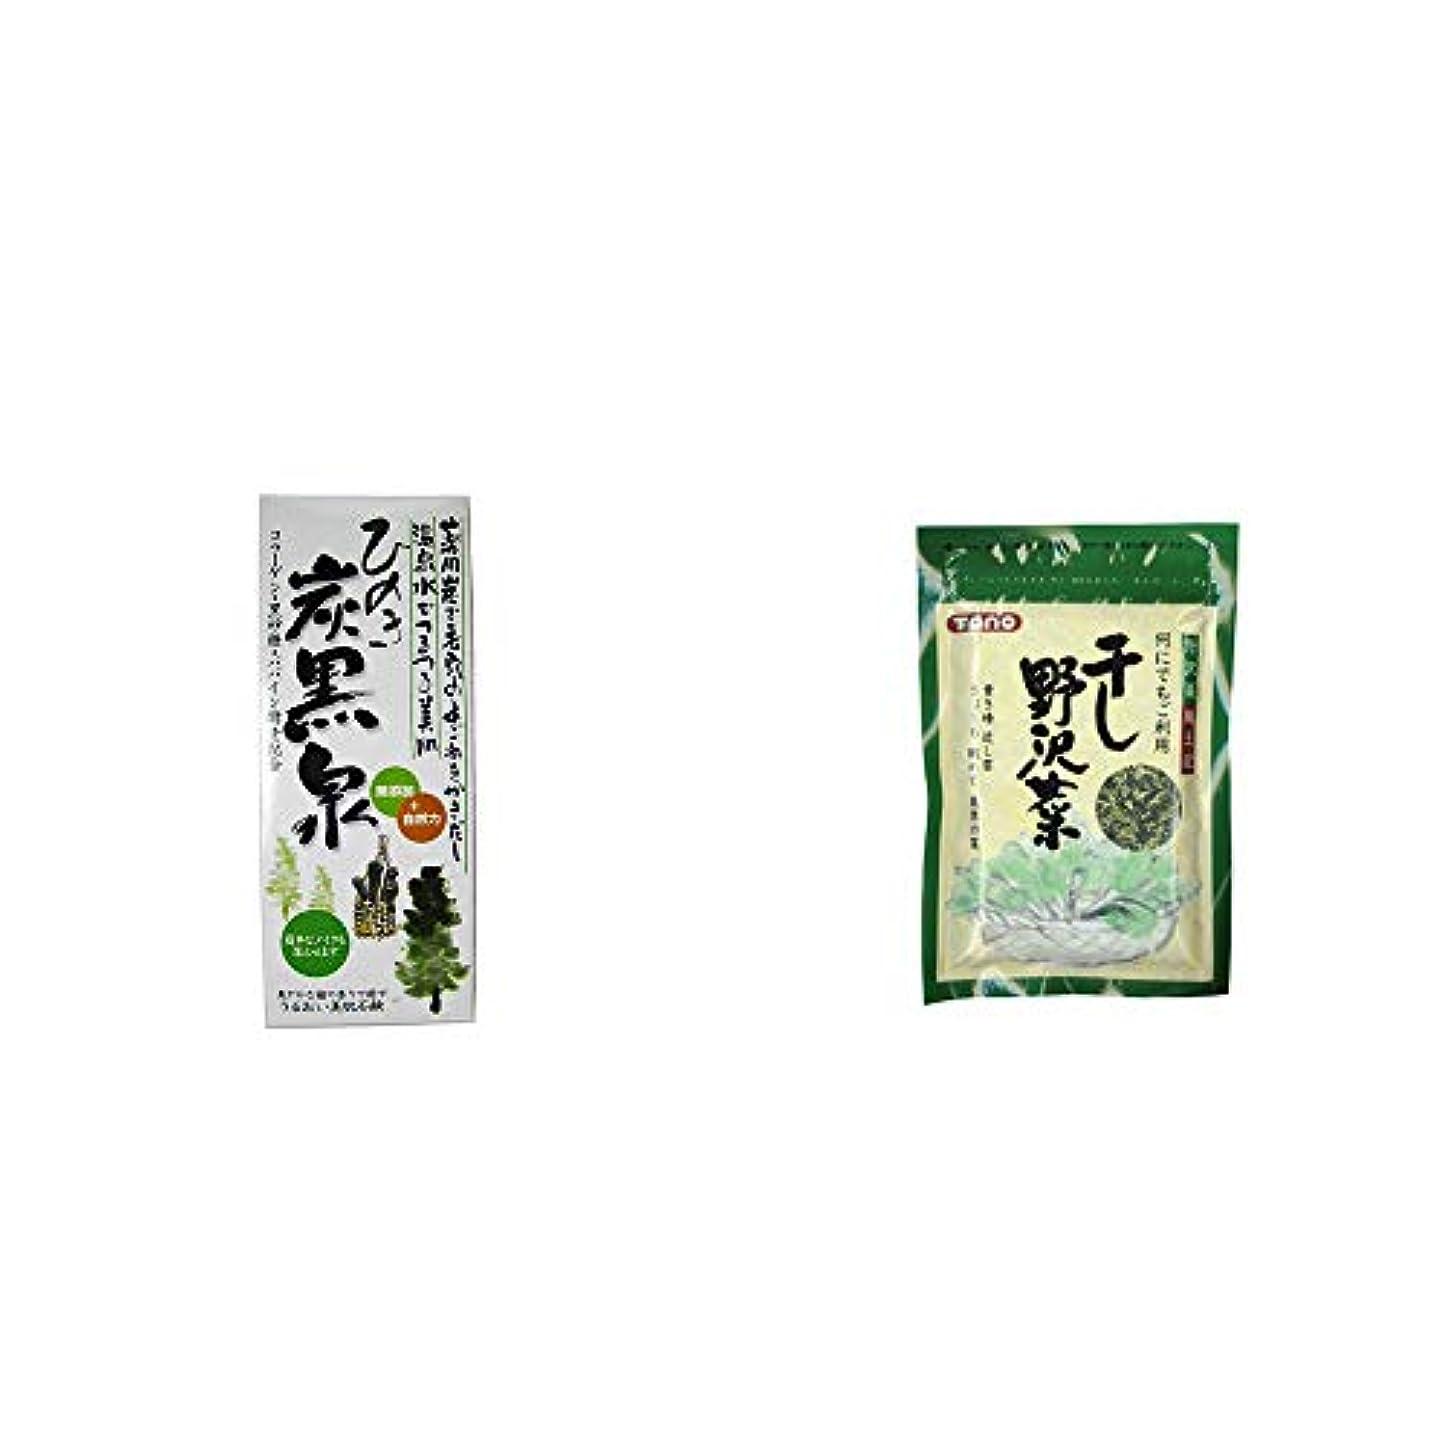 踊り子民主主義曇った[2点セット] ひのき炭黒泉 箱入り(75g×3)?干し野沢菜(100g)